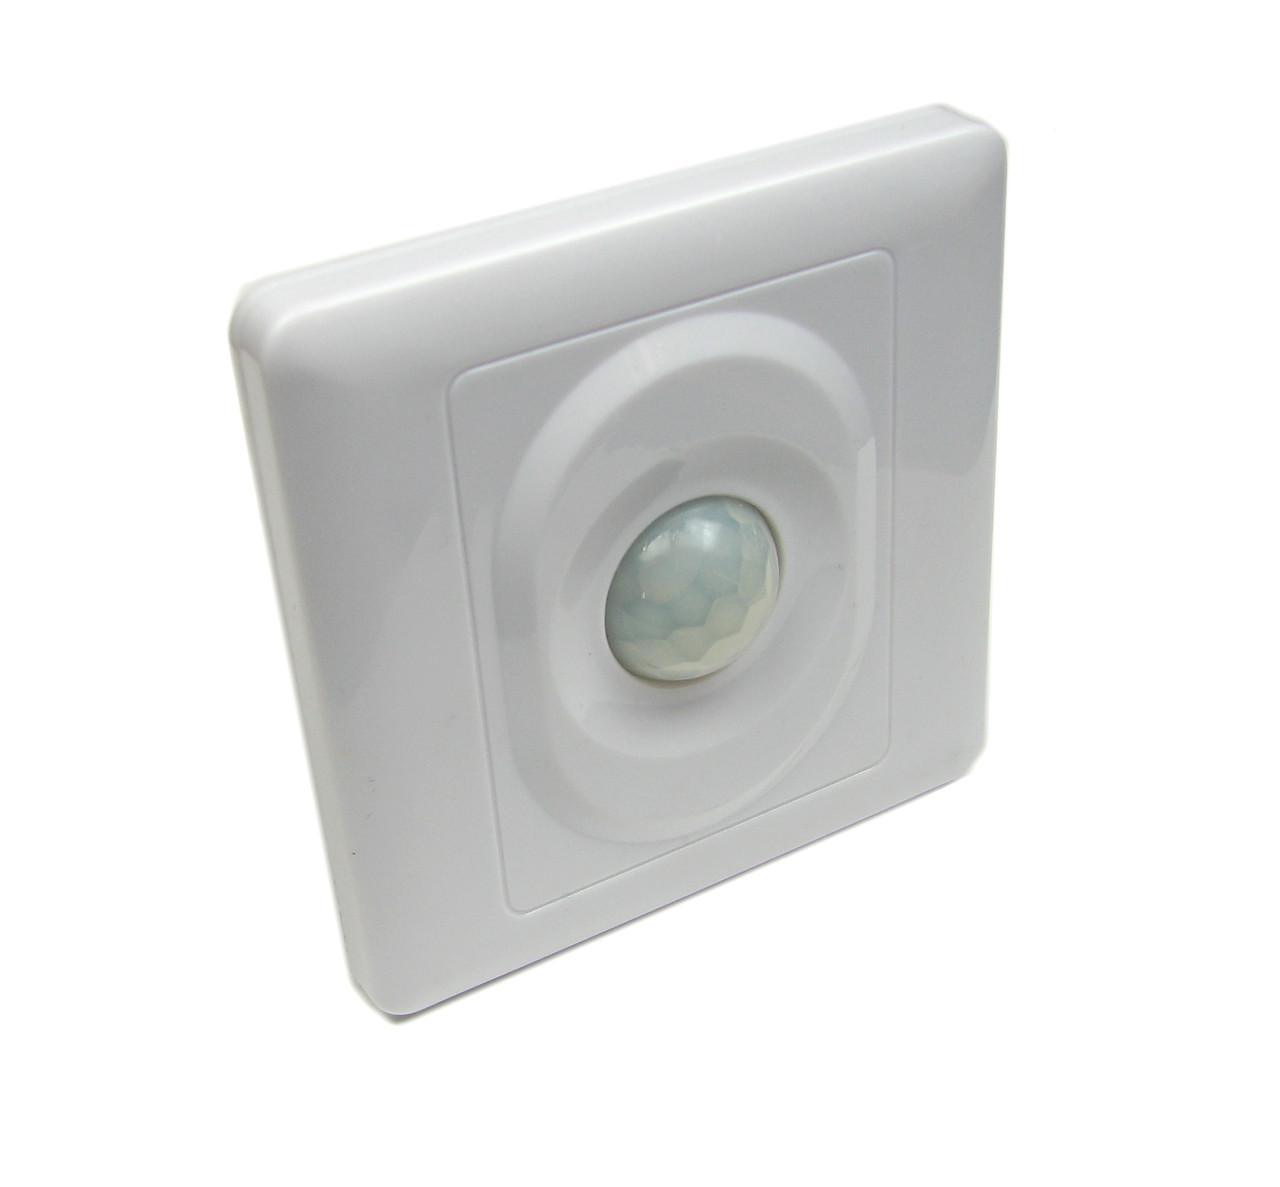 Датчик движения автоматический выключатель освещения SD-502